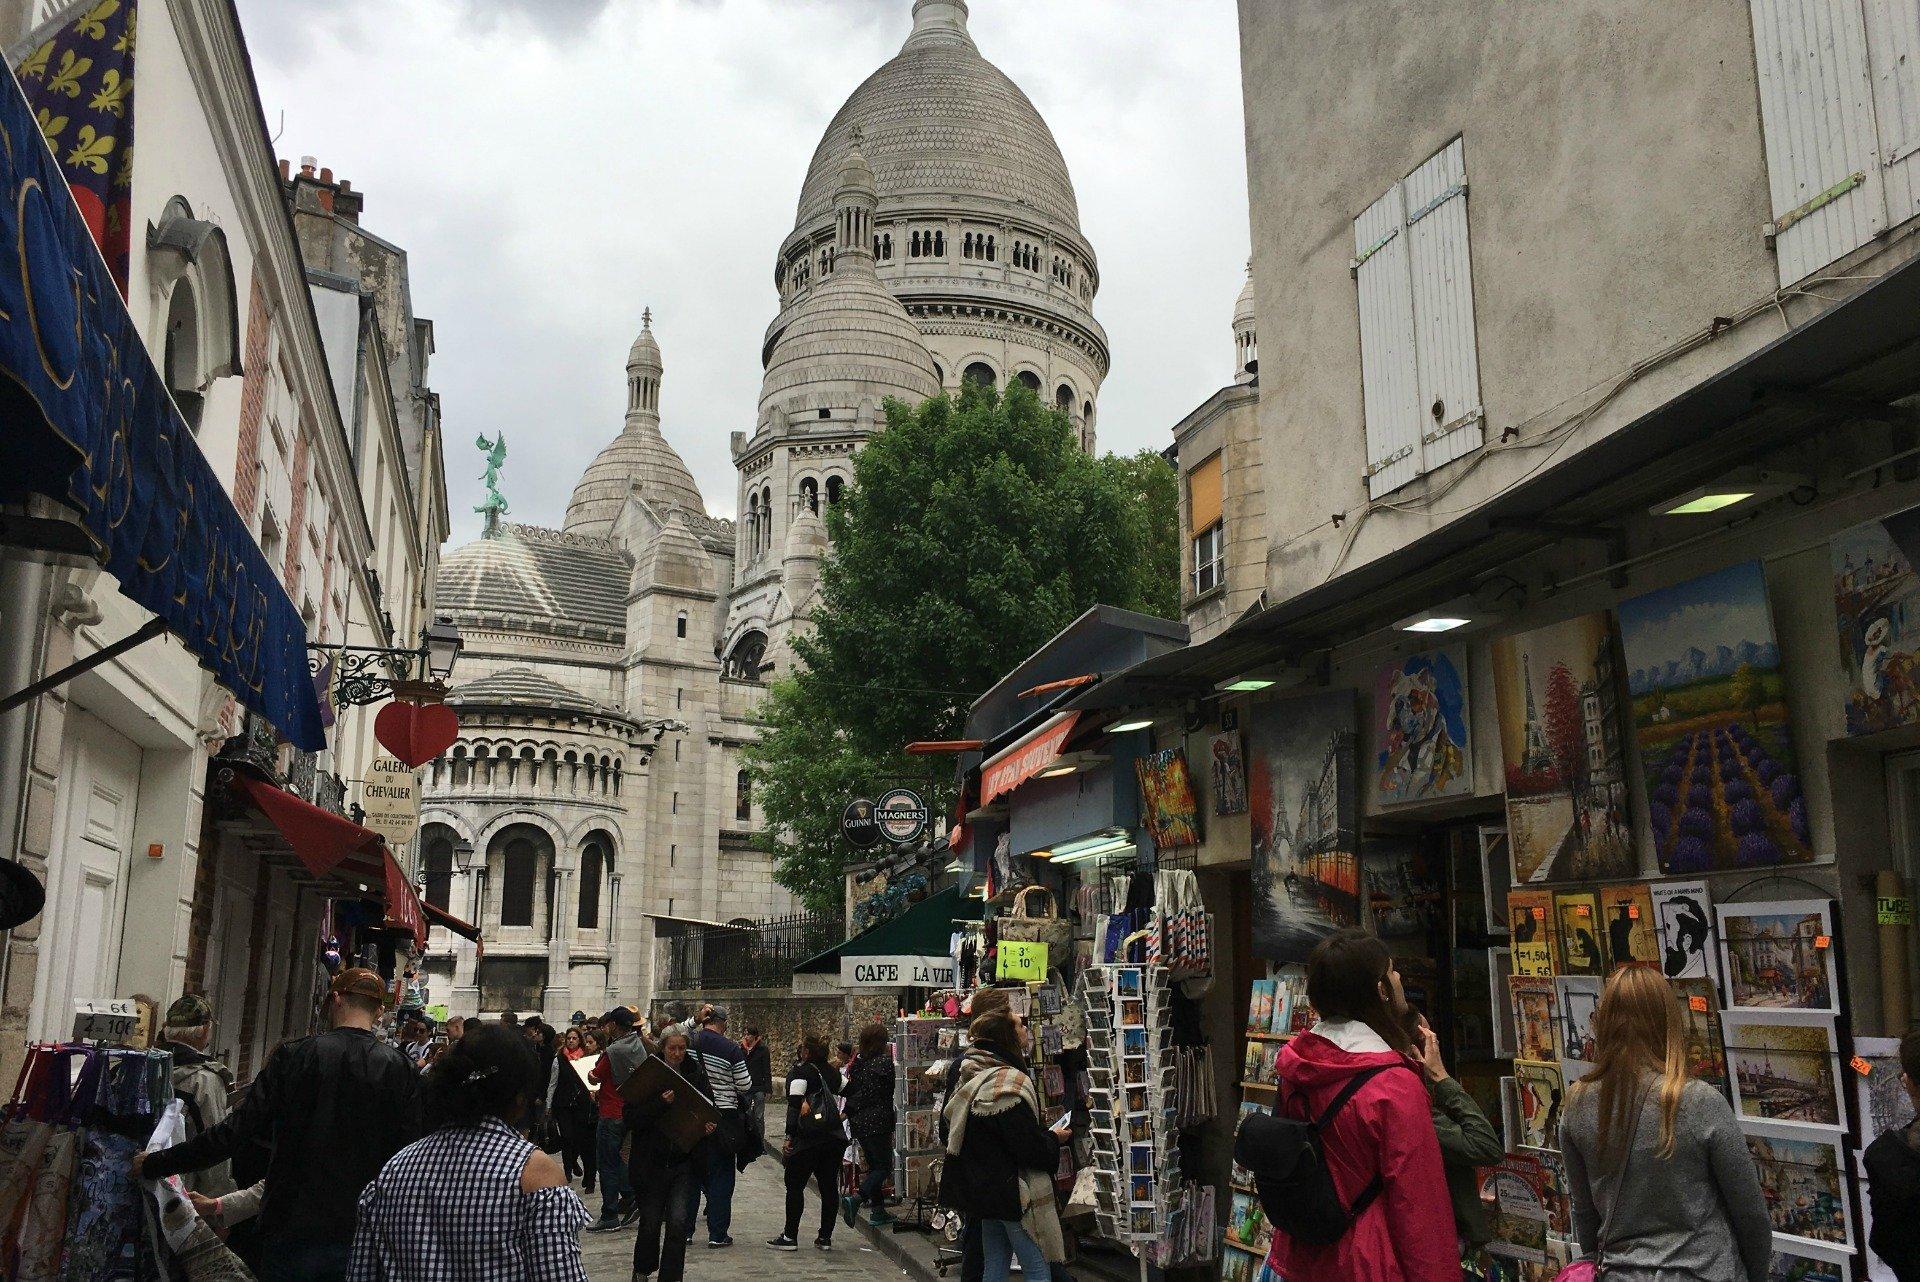 Visiting the Sacre Coeur in Paris